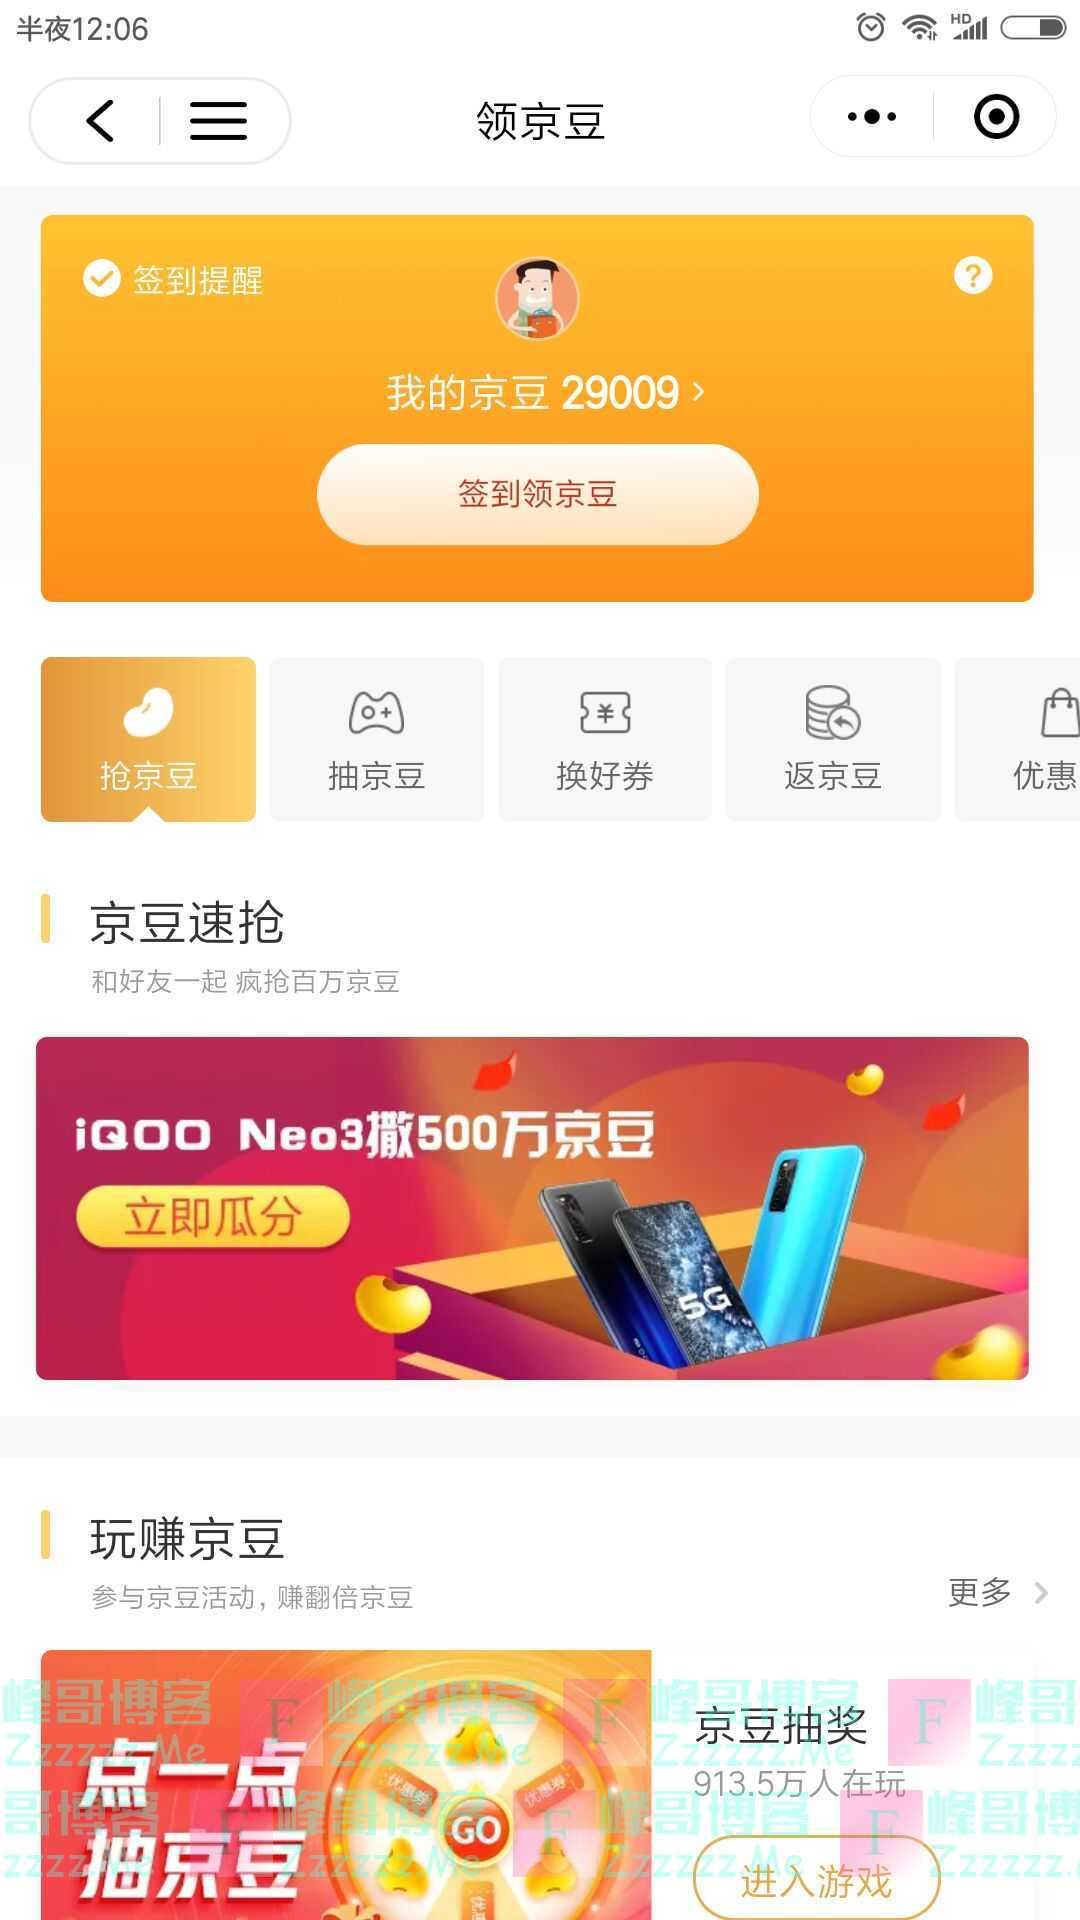 京东购物IQOO Neo3撒500w京豆(截止5月5日)